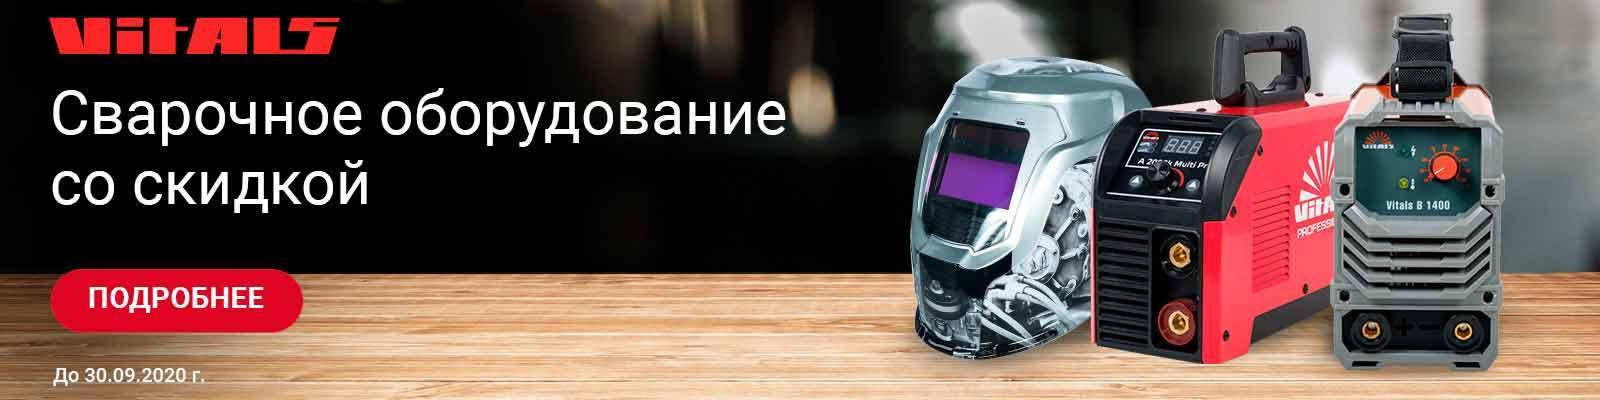 Сварочные аппараты Виталс со скидкой